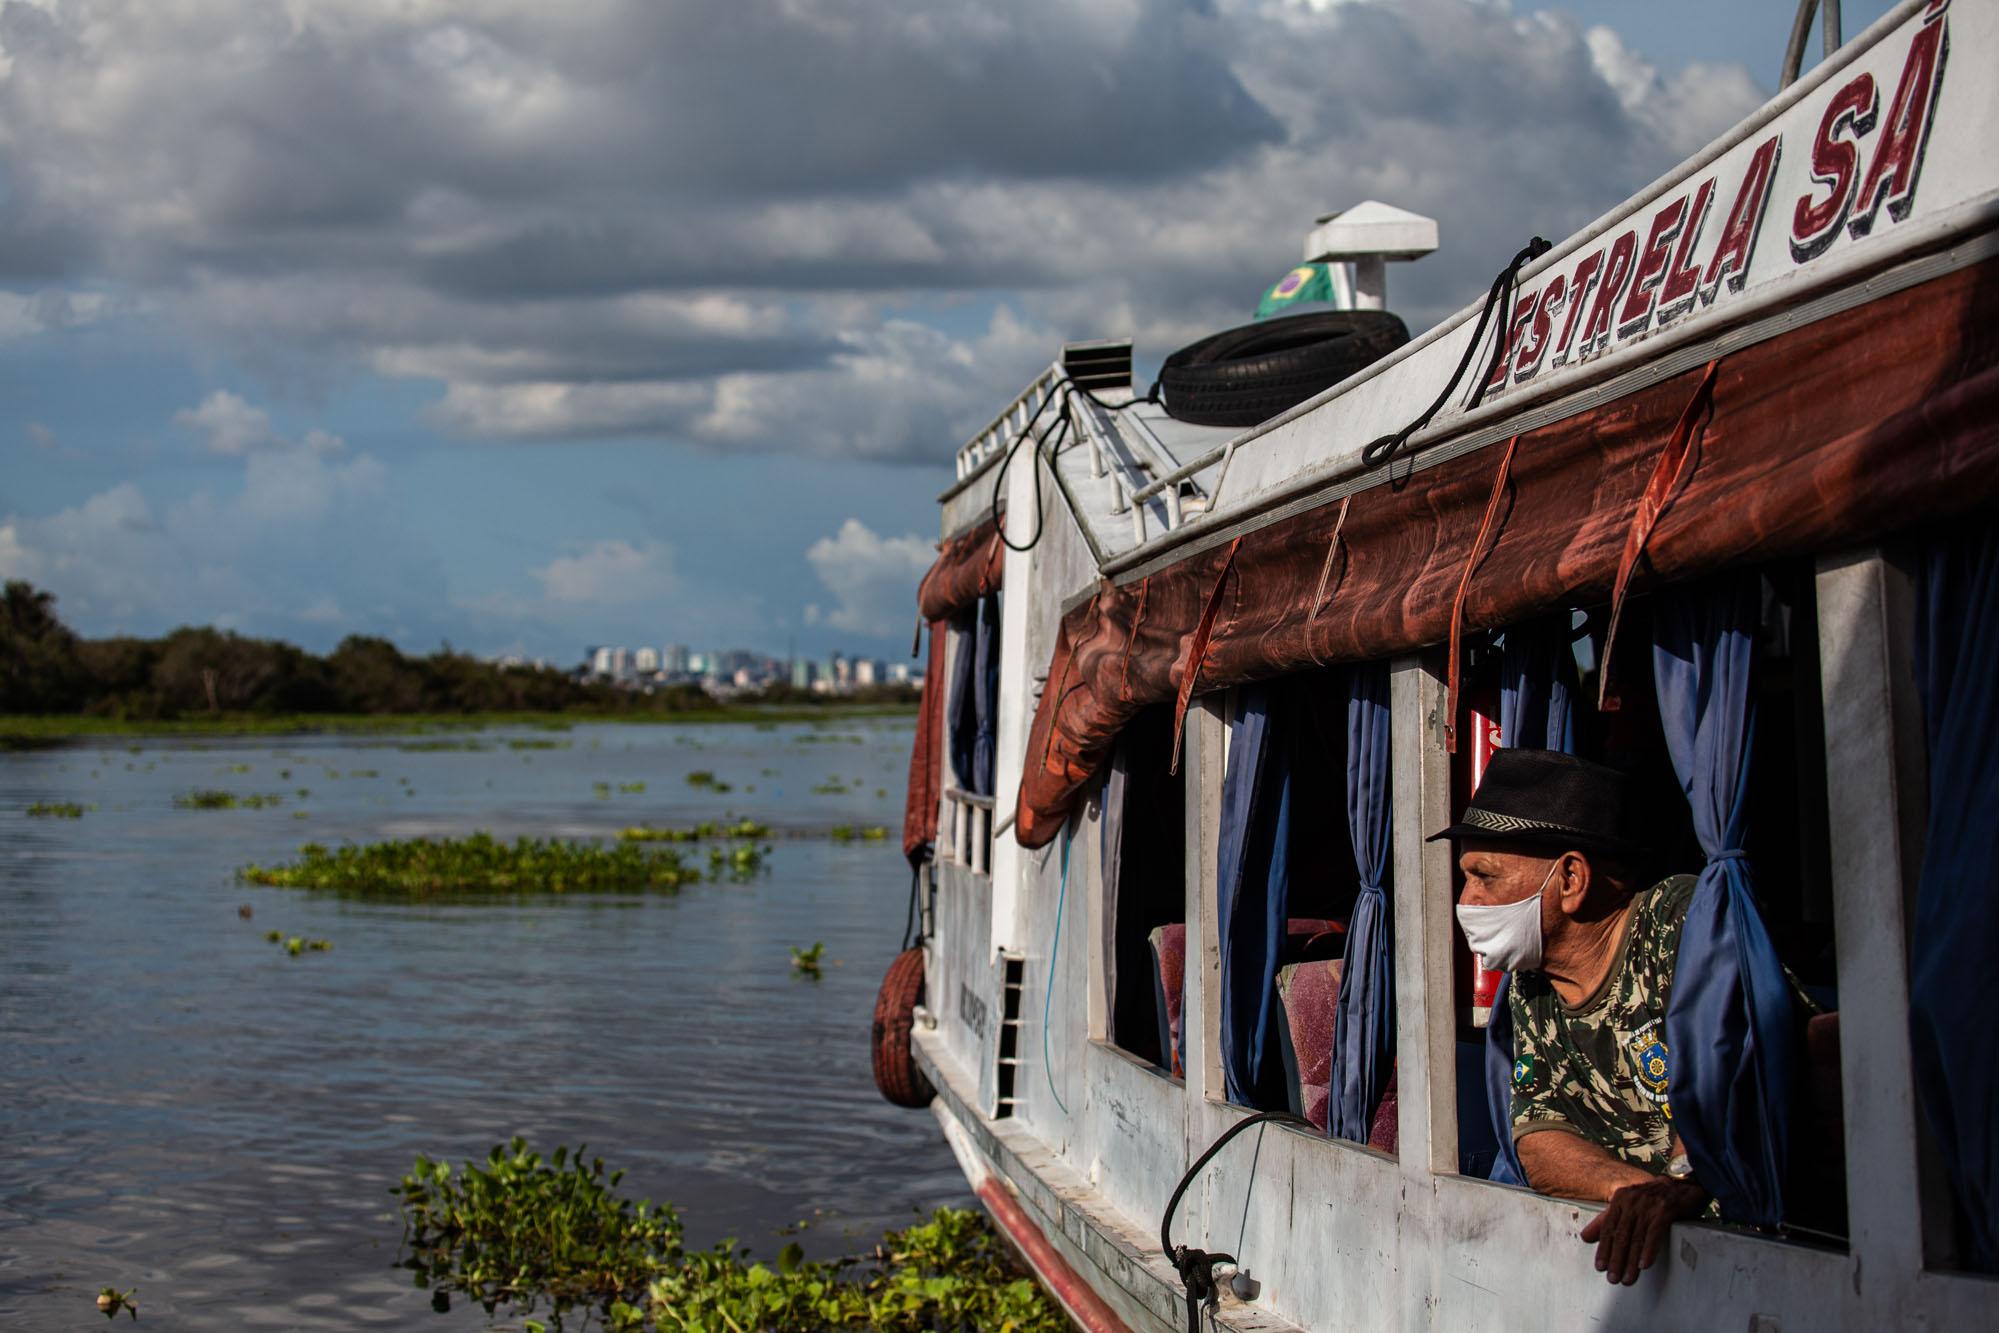 Vicente Custódio Sá., de 72 anos, em seu barco no Rio Negro: temor de cheia recorde e tragédia (Foto: Raphael Alves/Amazônia Real)